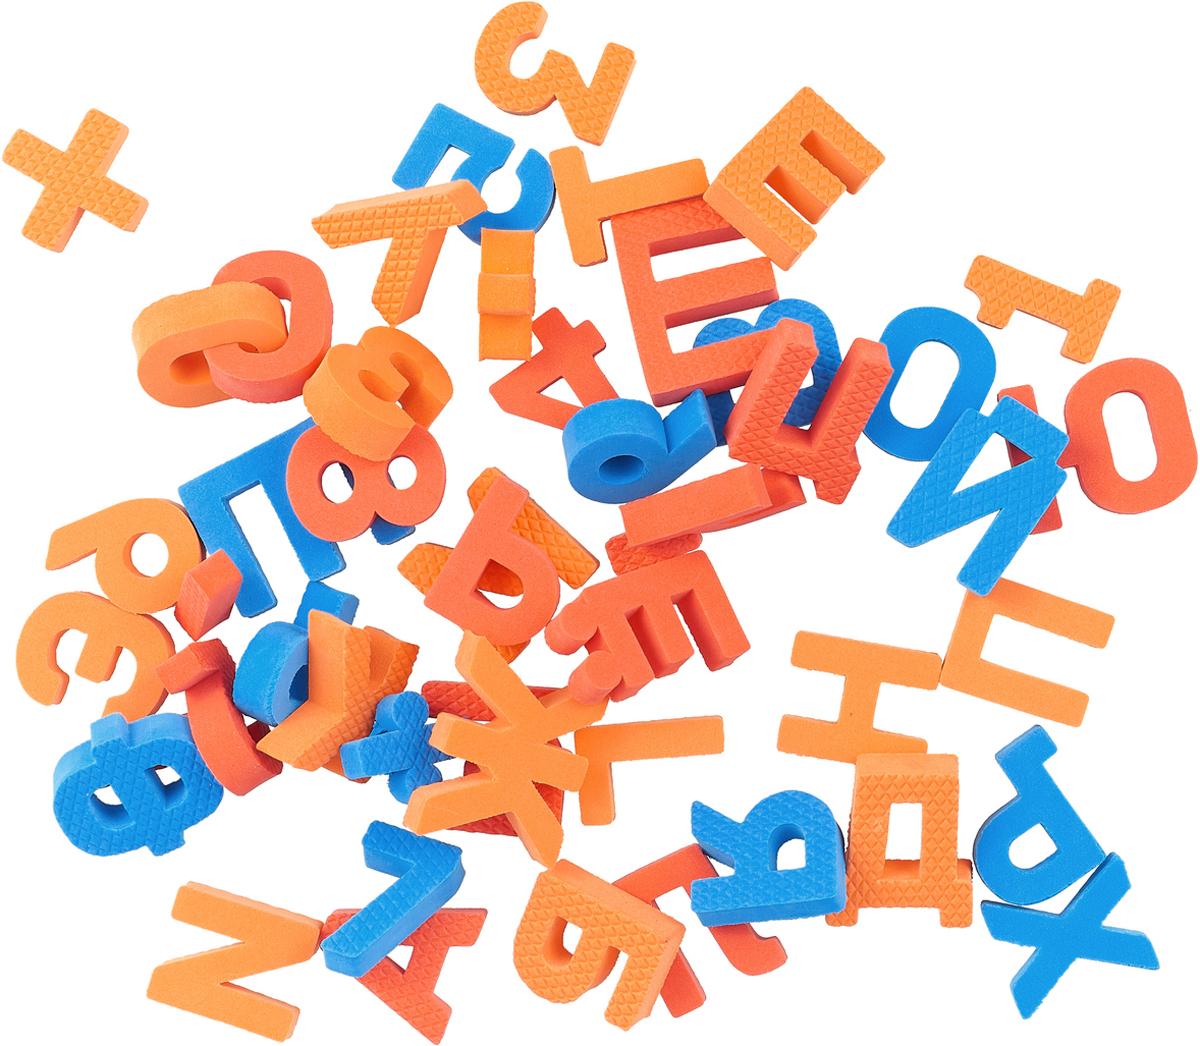 Pic'nMix Набор игрушек для ванной Буквы-цифры цвет синий красный оранжевый 48 шт